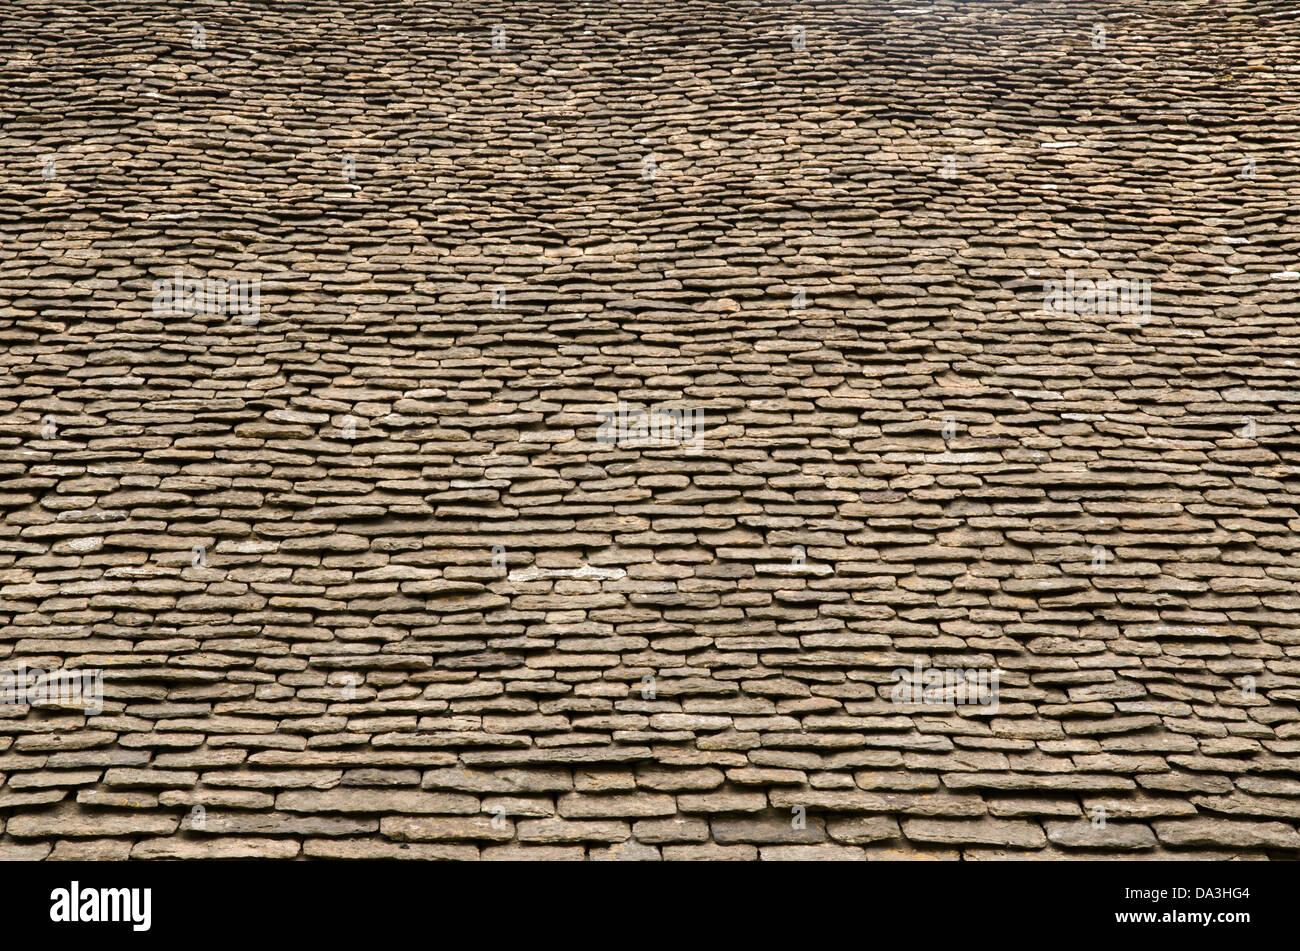 Tetto in pietra piastrelle foto & immagine stock: 57857300 alamy